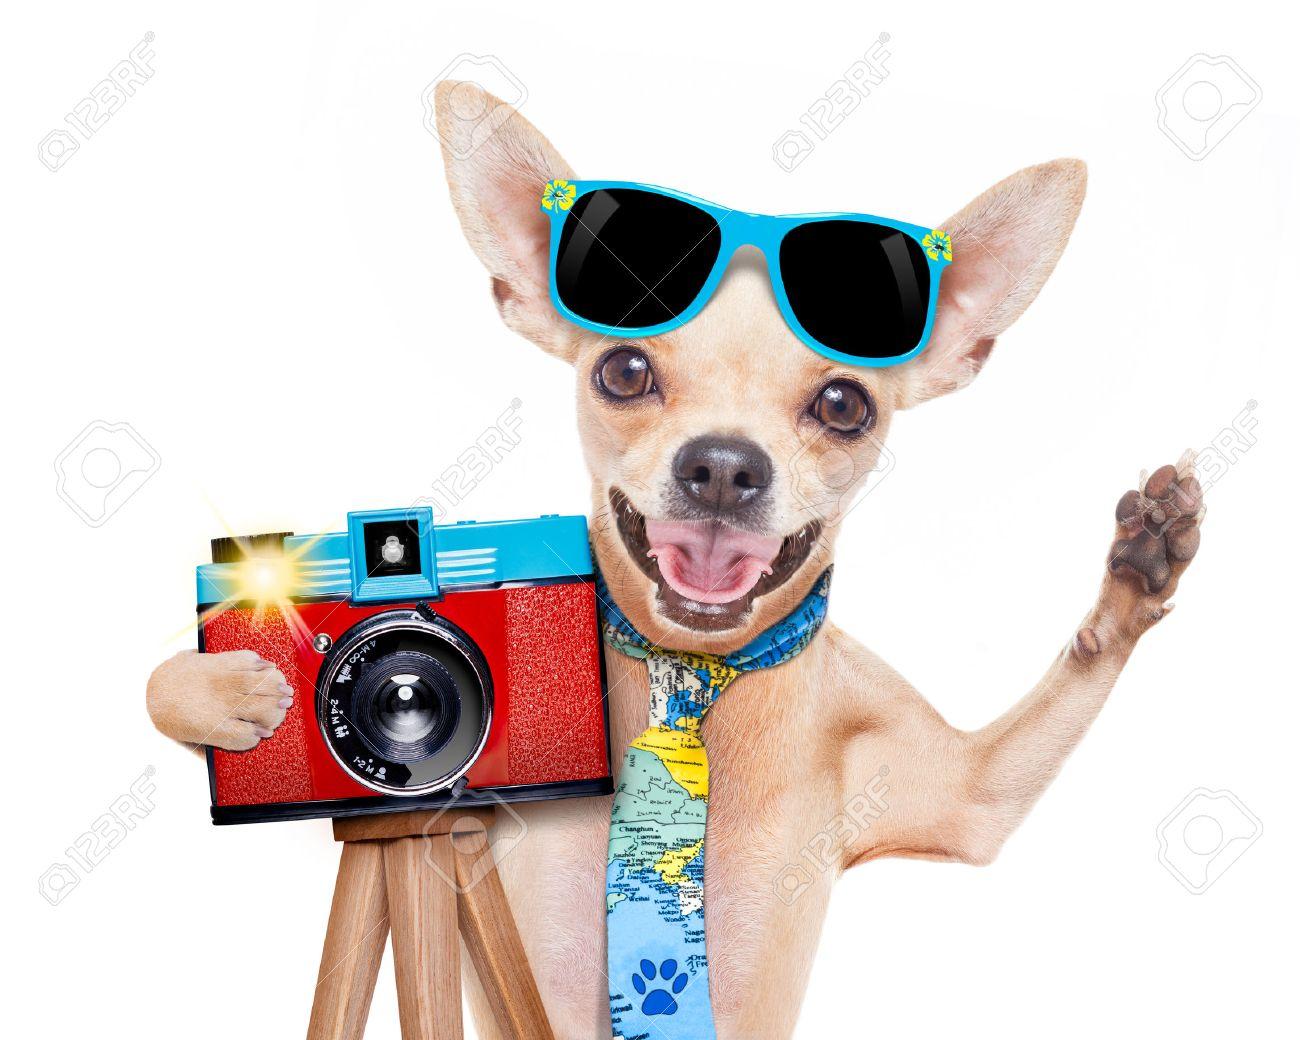 Loto de Février 2018 - Page 5 42737175-fra-che-photographe-touristique-chien-prenant-un-instantan-ou-une-image-avec-un-vieil-appareil-photo-Banque-d'images